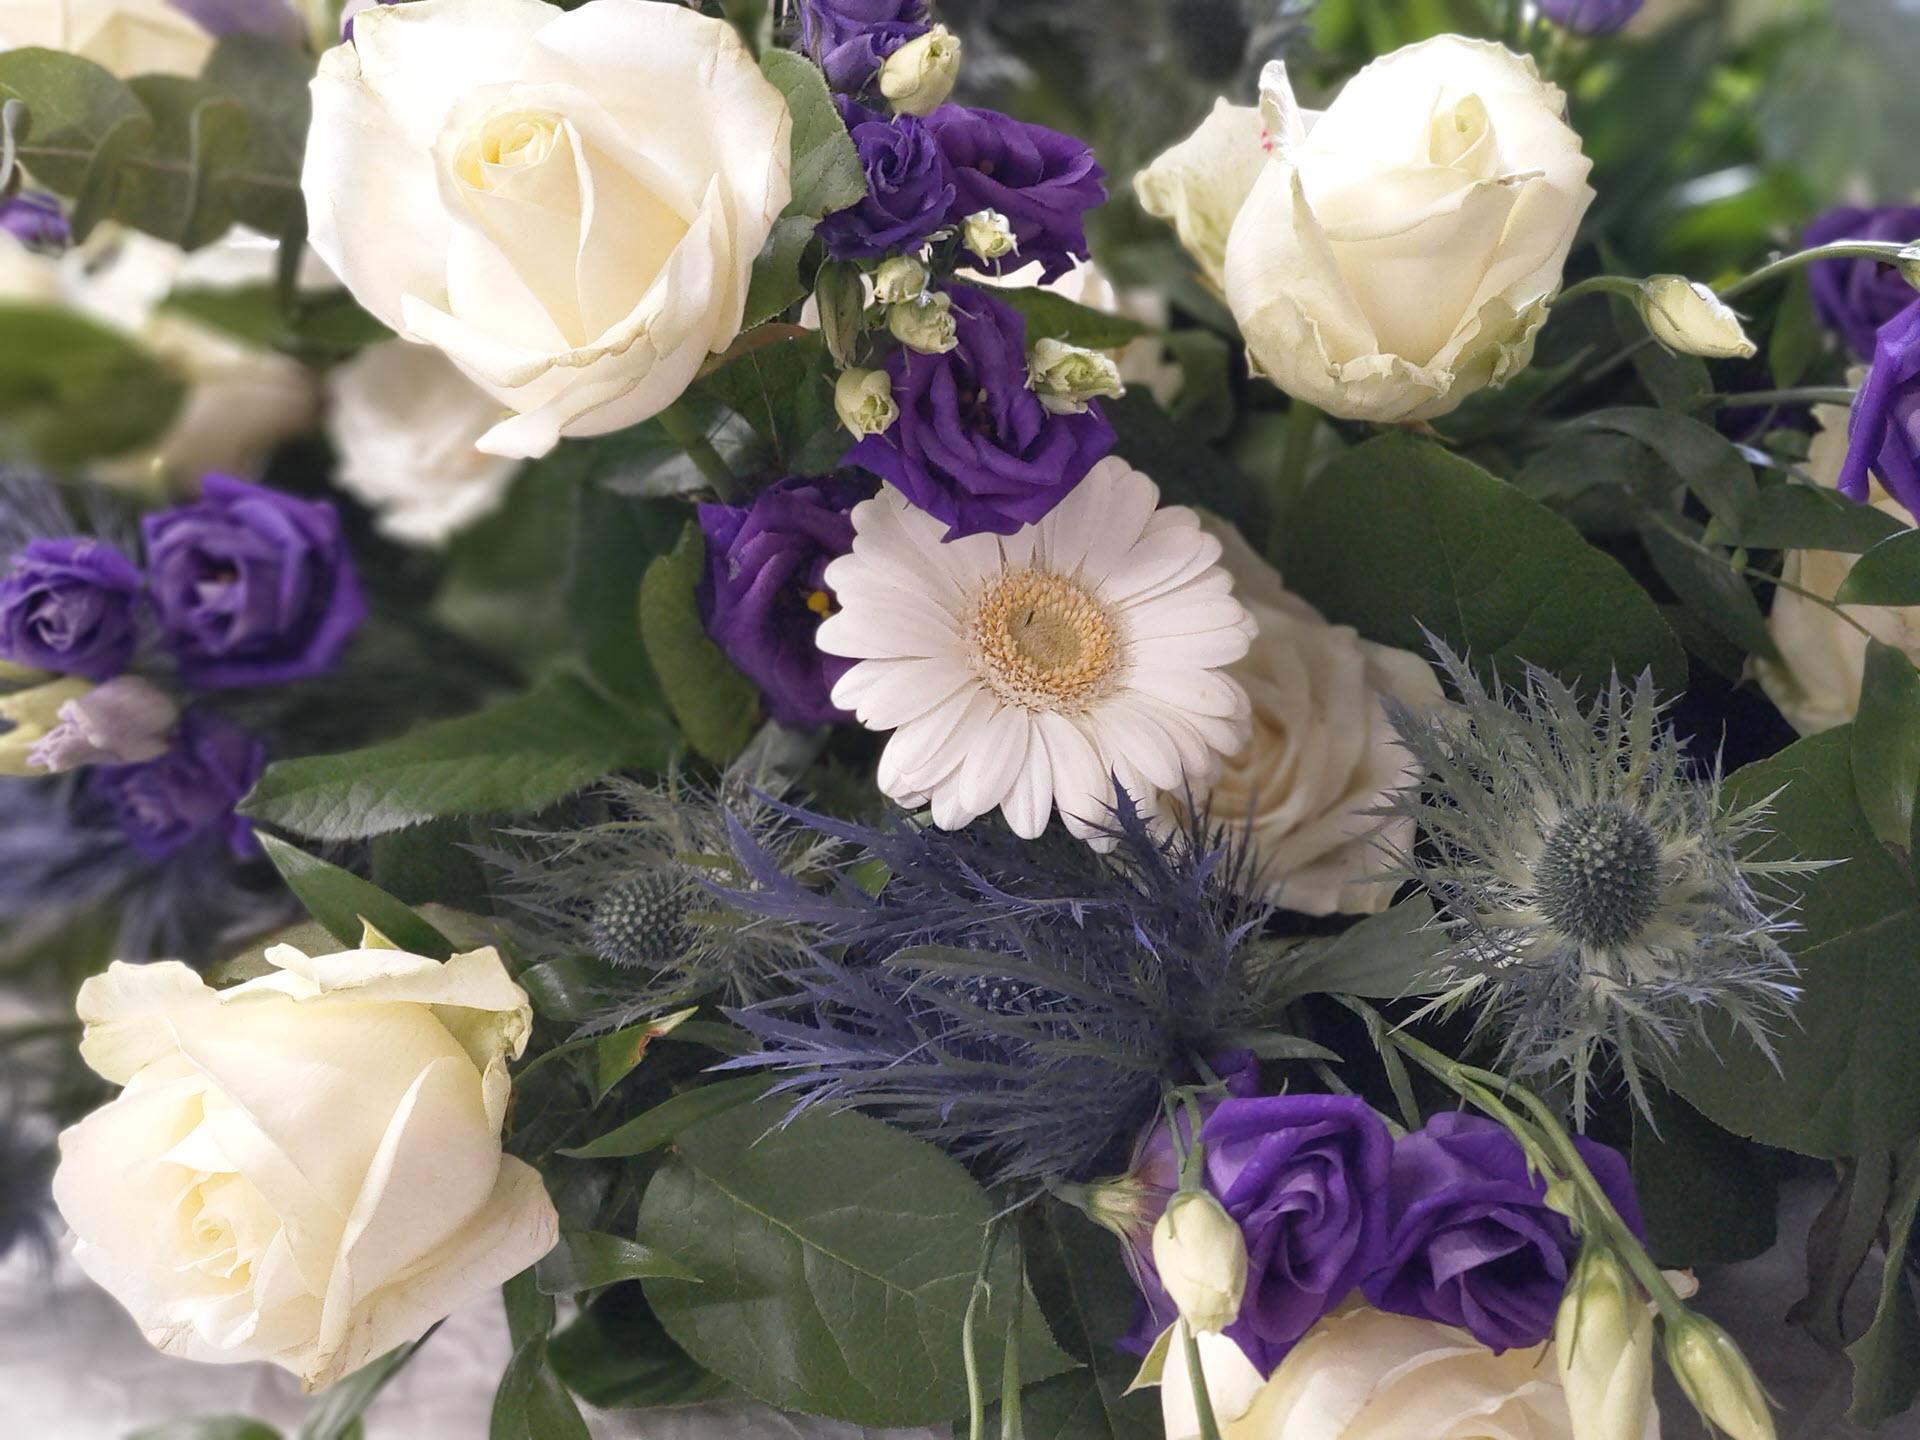 Bloemsierkunst Groeneveld, de bloemist voor rouwstukken, grafwerk, rouwboeket in Haren, Groningen, Eelde, Paterswolde, Glimmen, Onnen, Noordlaren, Helpman